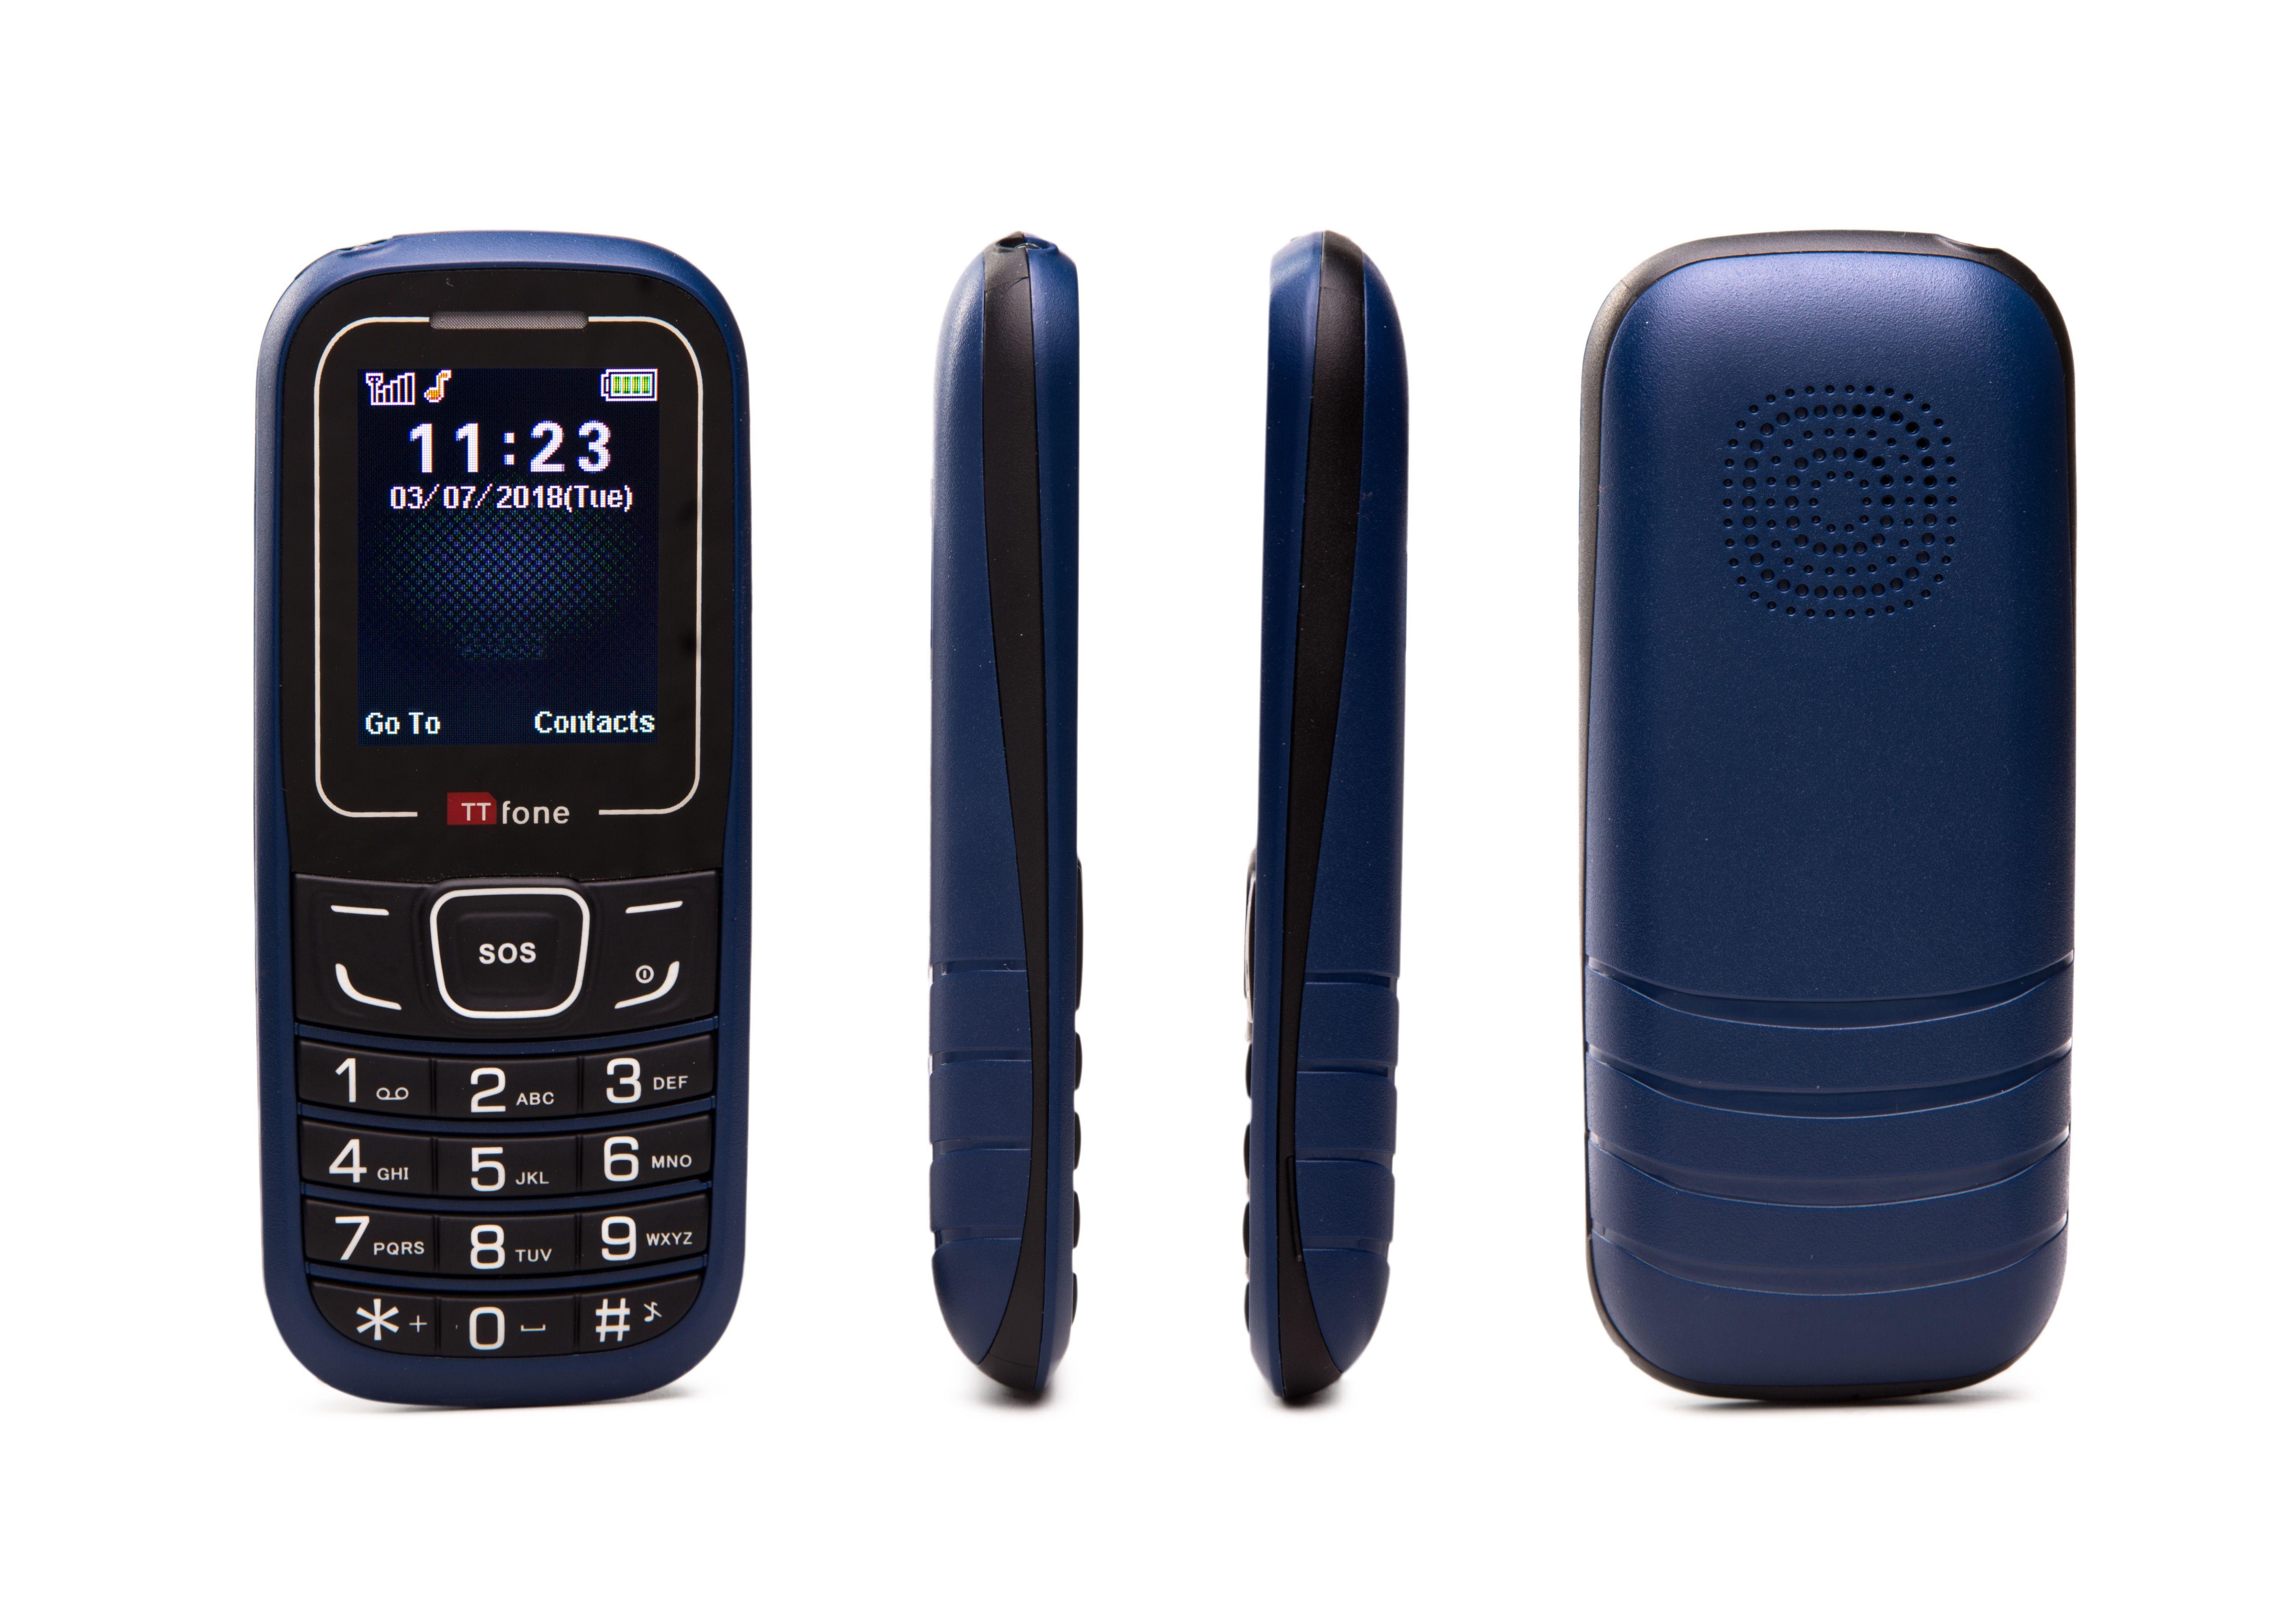 TTfone TT110 Mobile Phone